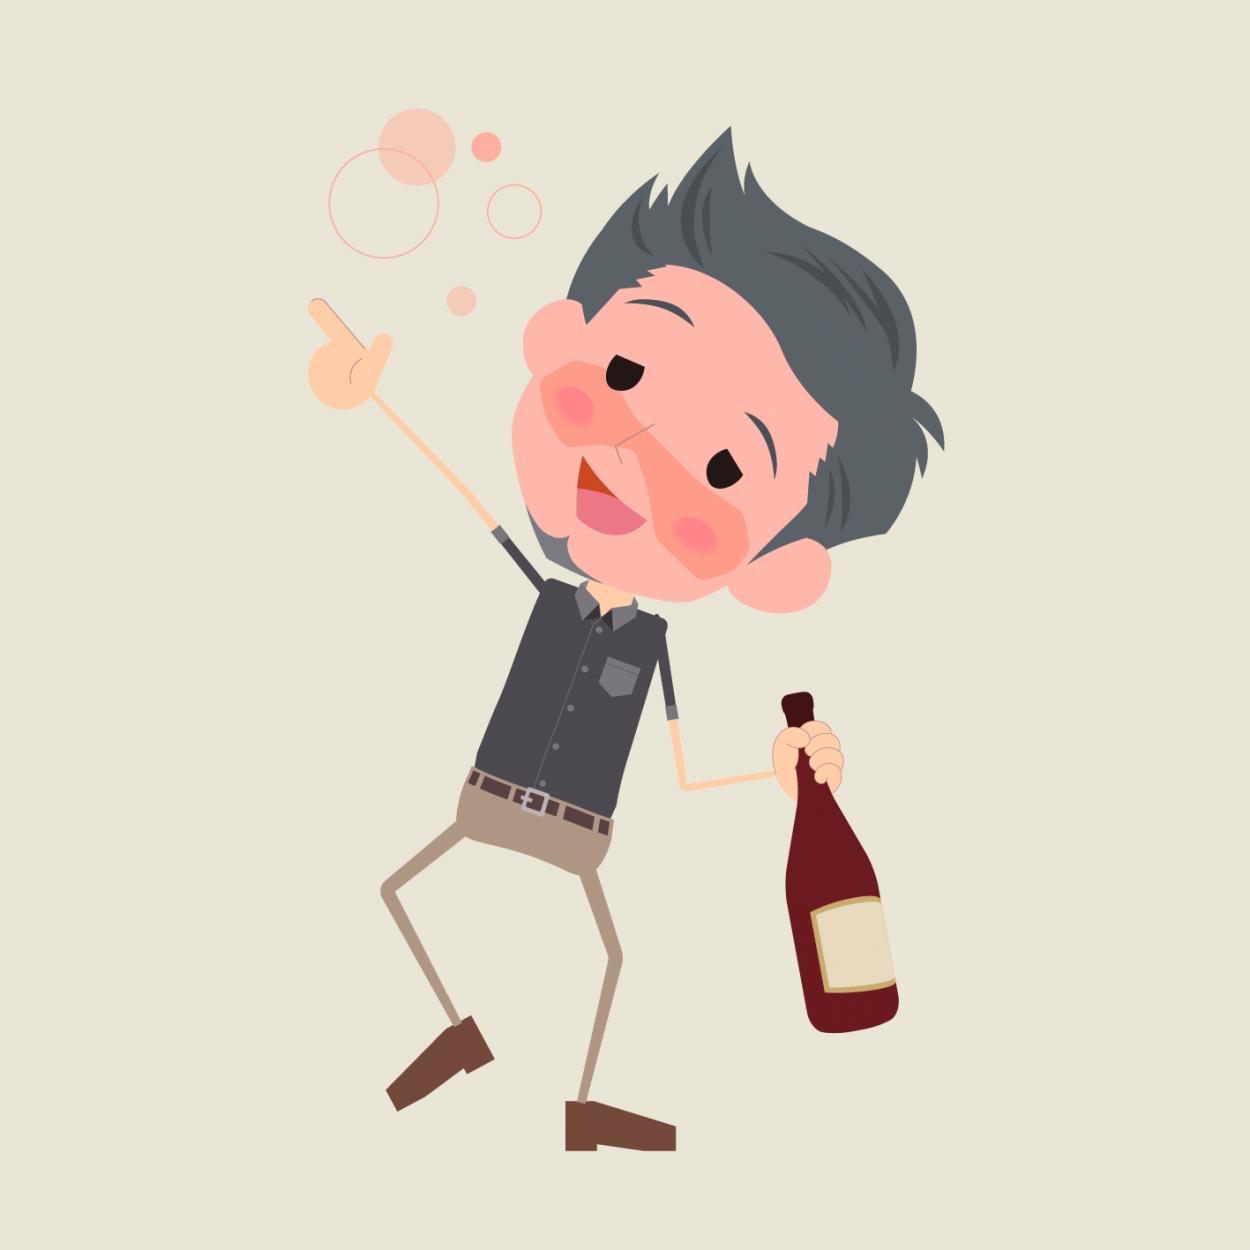 Анекдот про пьяного мужика, повстречавшего вавтобусе попа